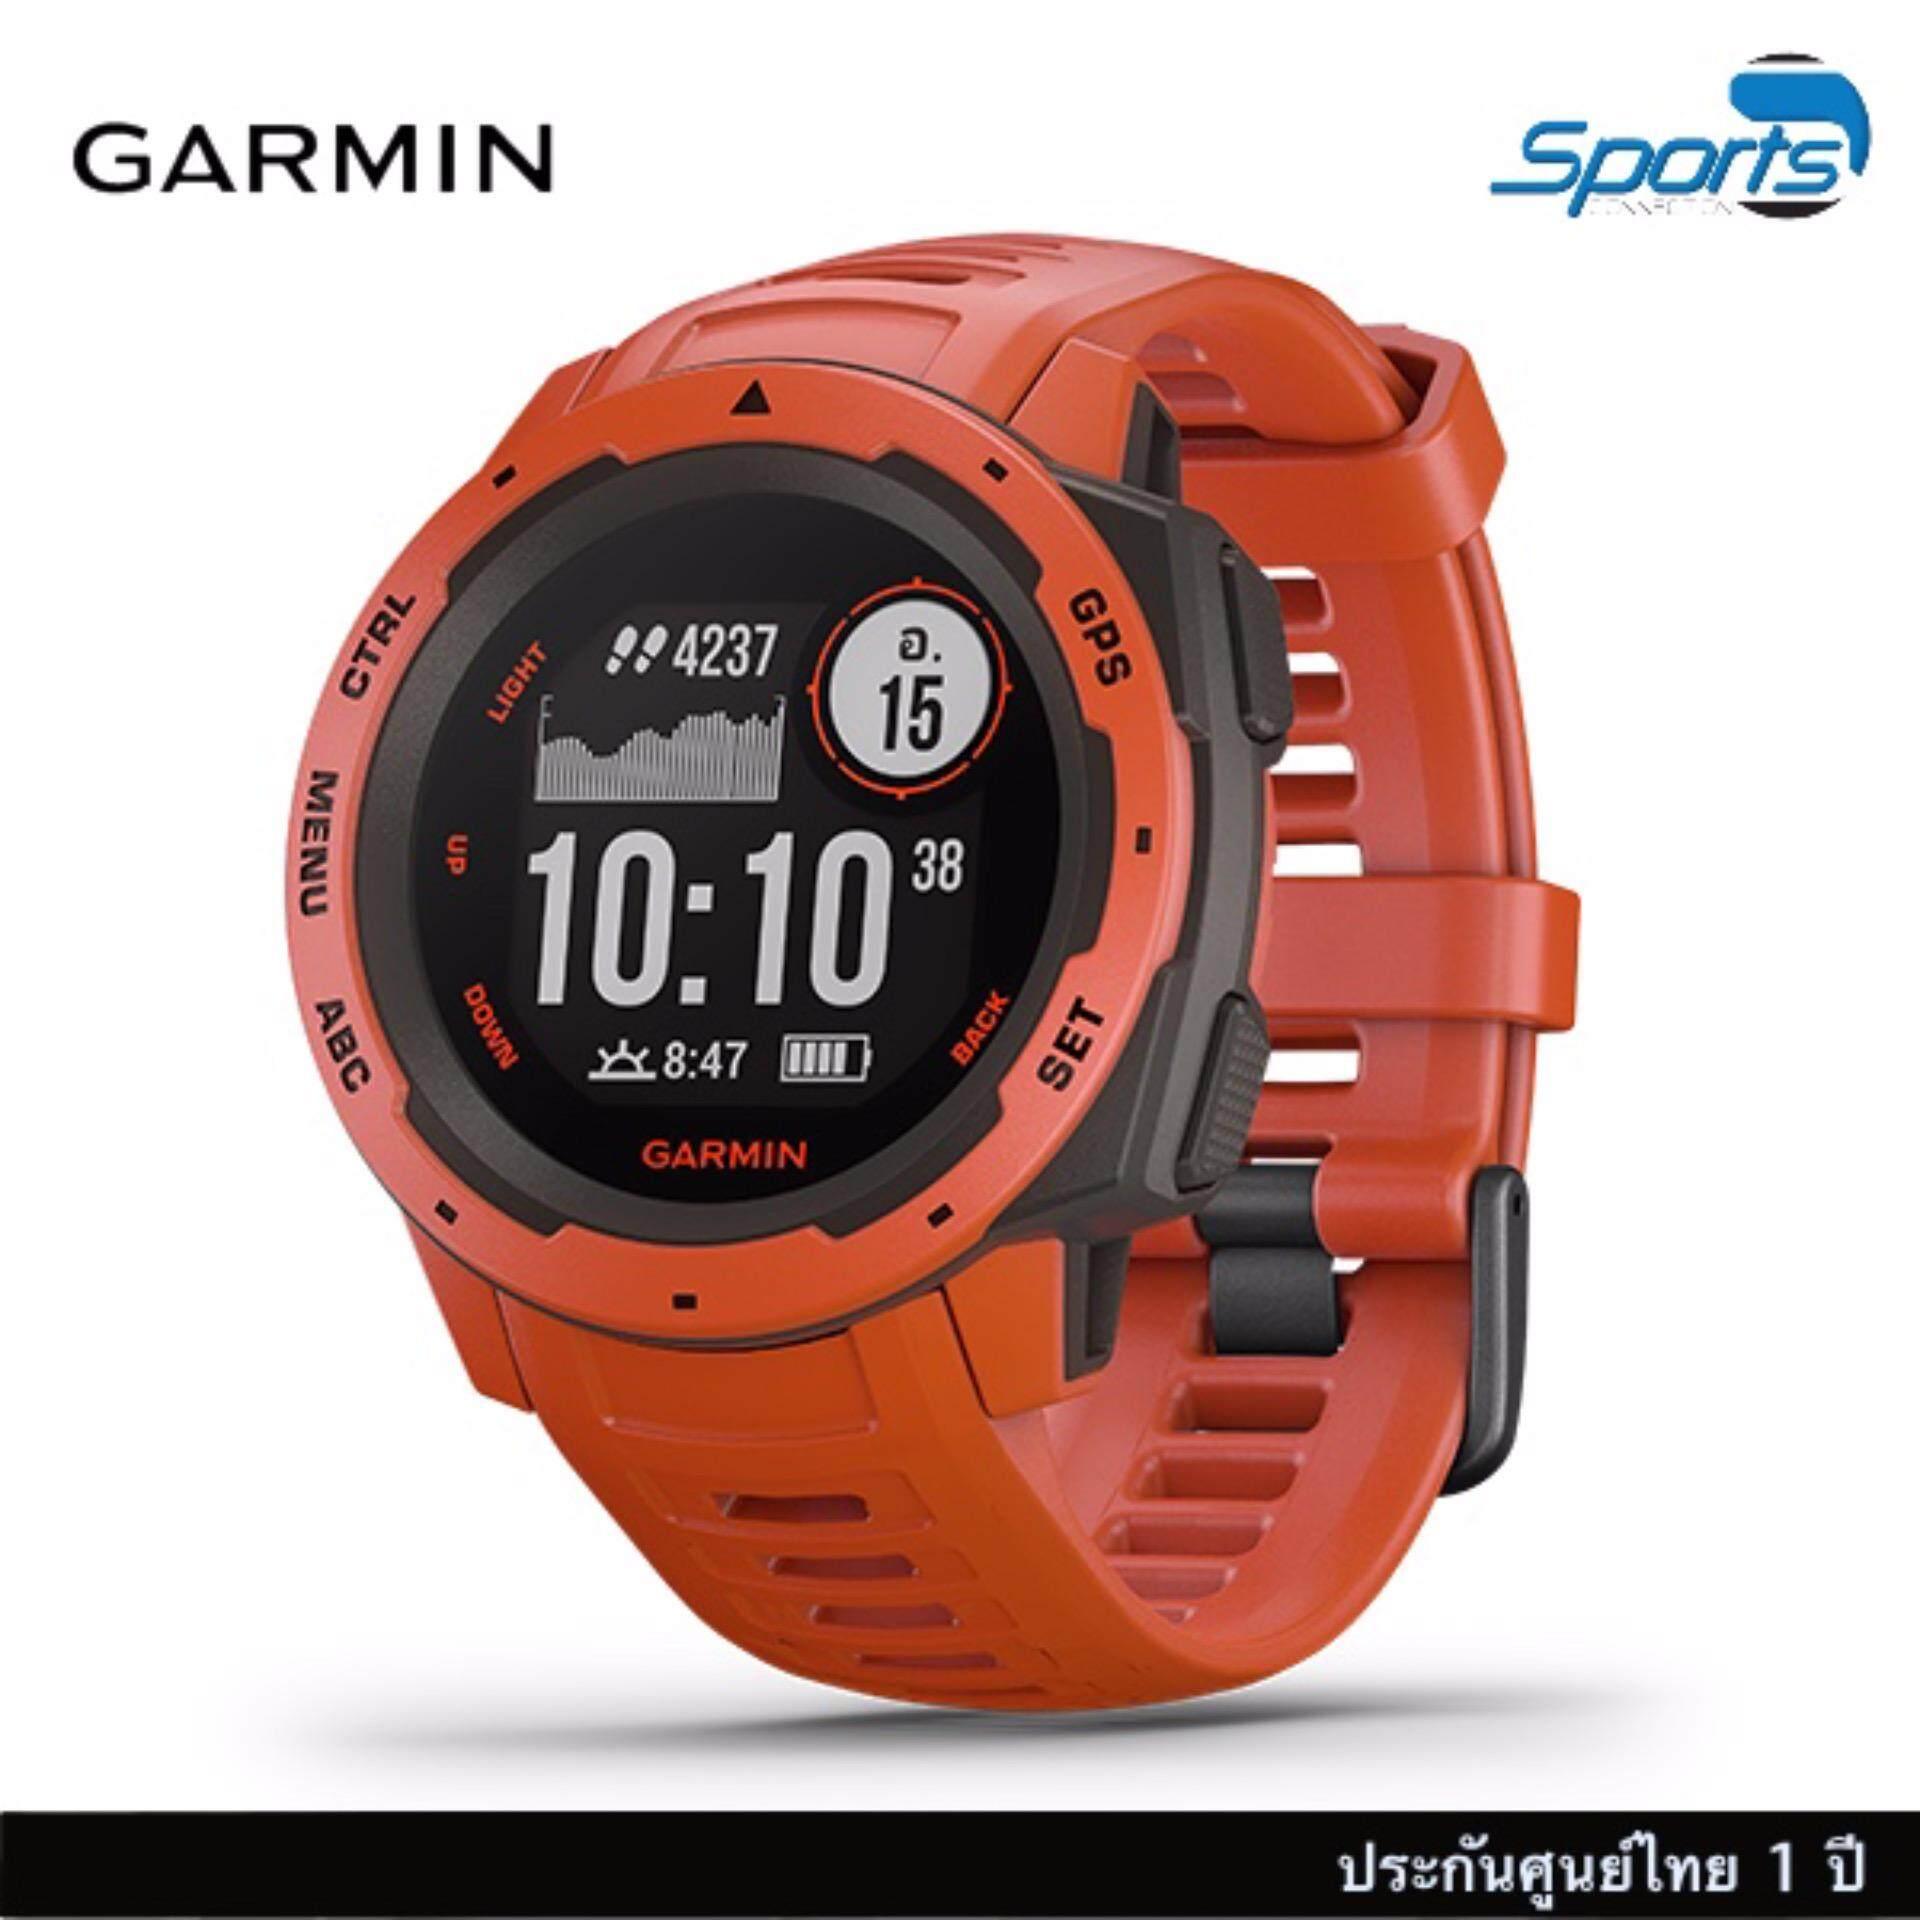 ยี่ห้อนี้ดีไหม  เชียงใหม่ Garmin Instinct อุปกรณ์ GPS แข็งแรง ทนทาน และสมบุกสมบัน